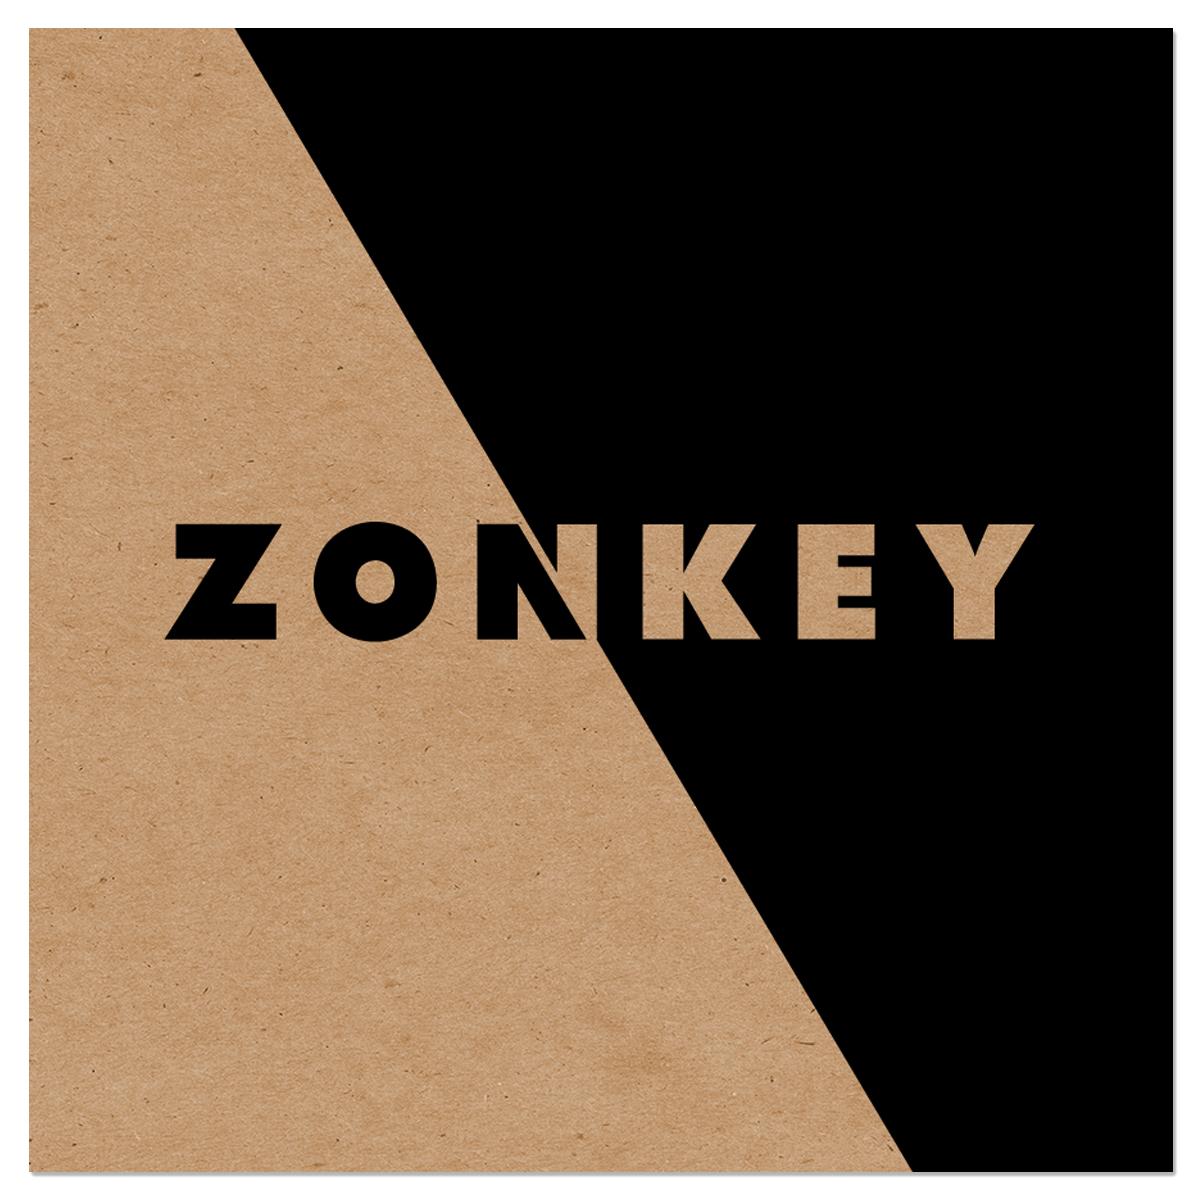 ZONKEY LP